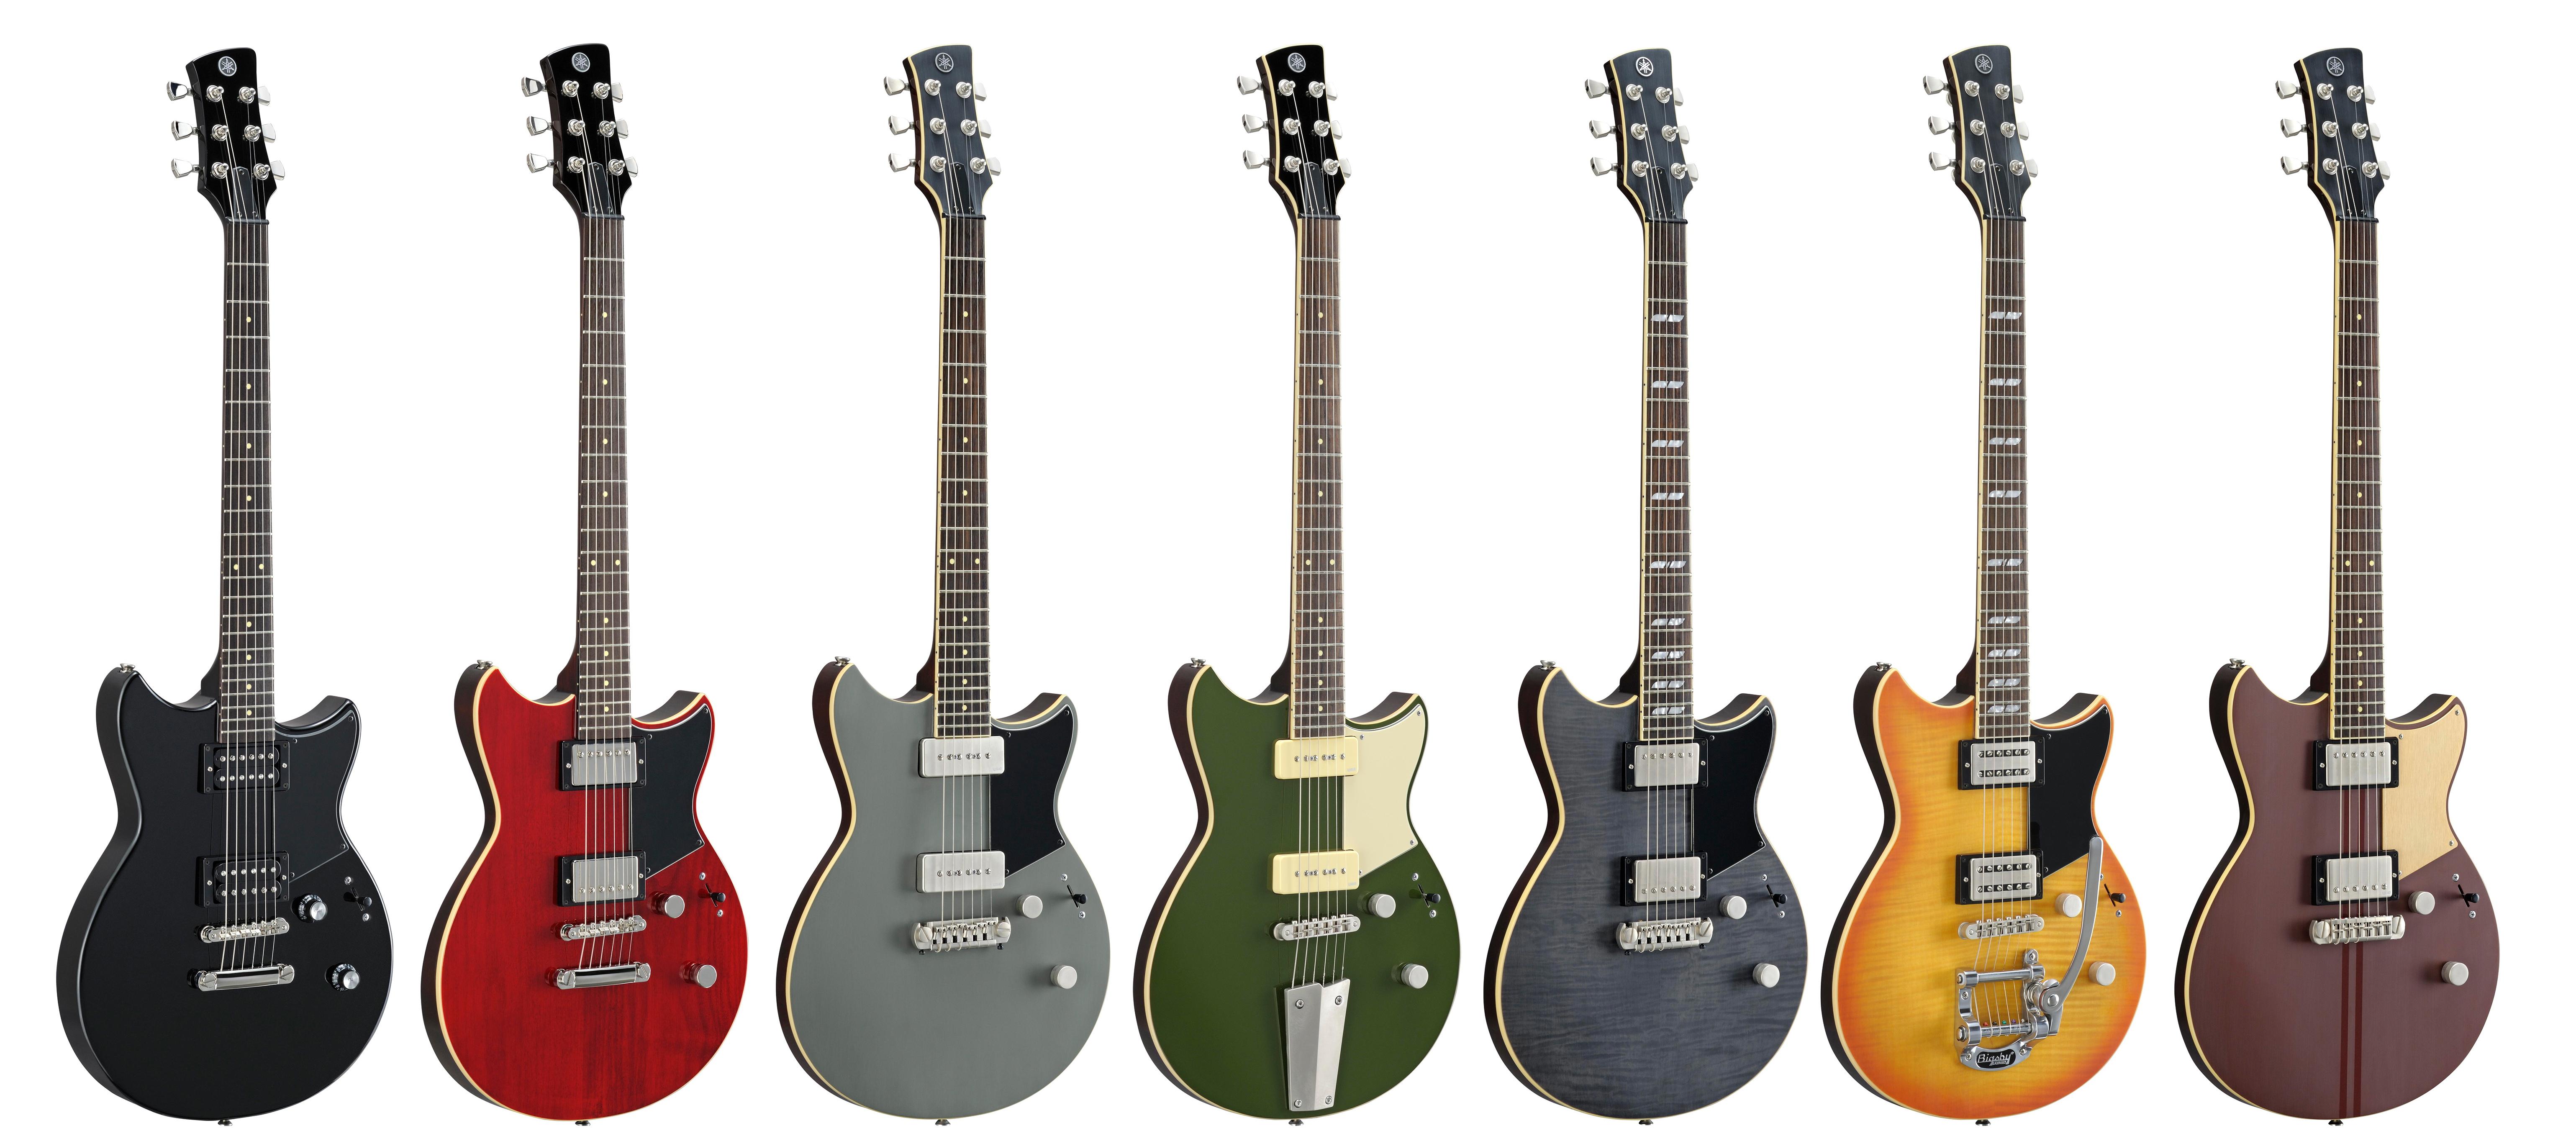 Compra en Multisononline la nueva serie de guitarras Yamaha Revstar